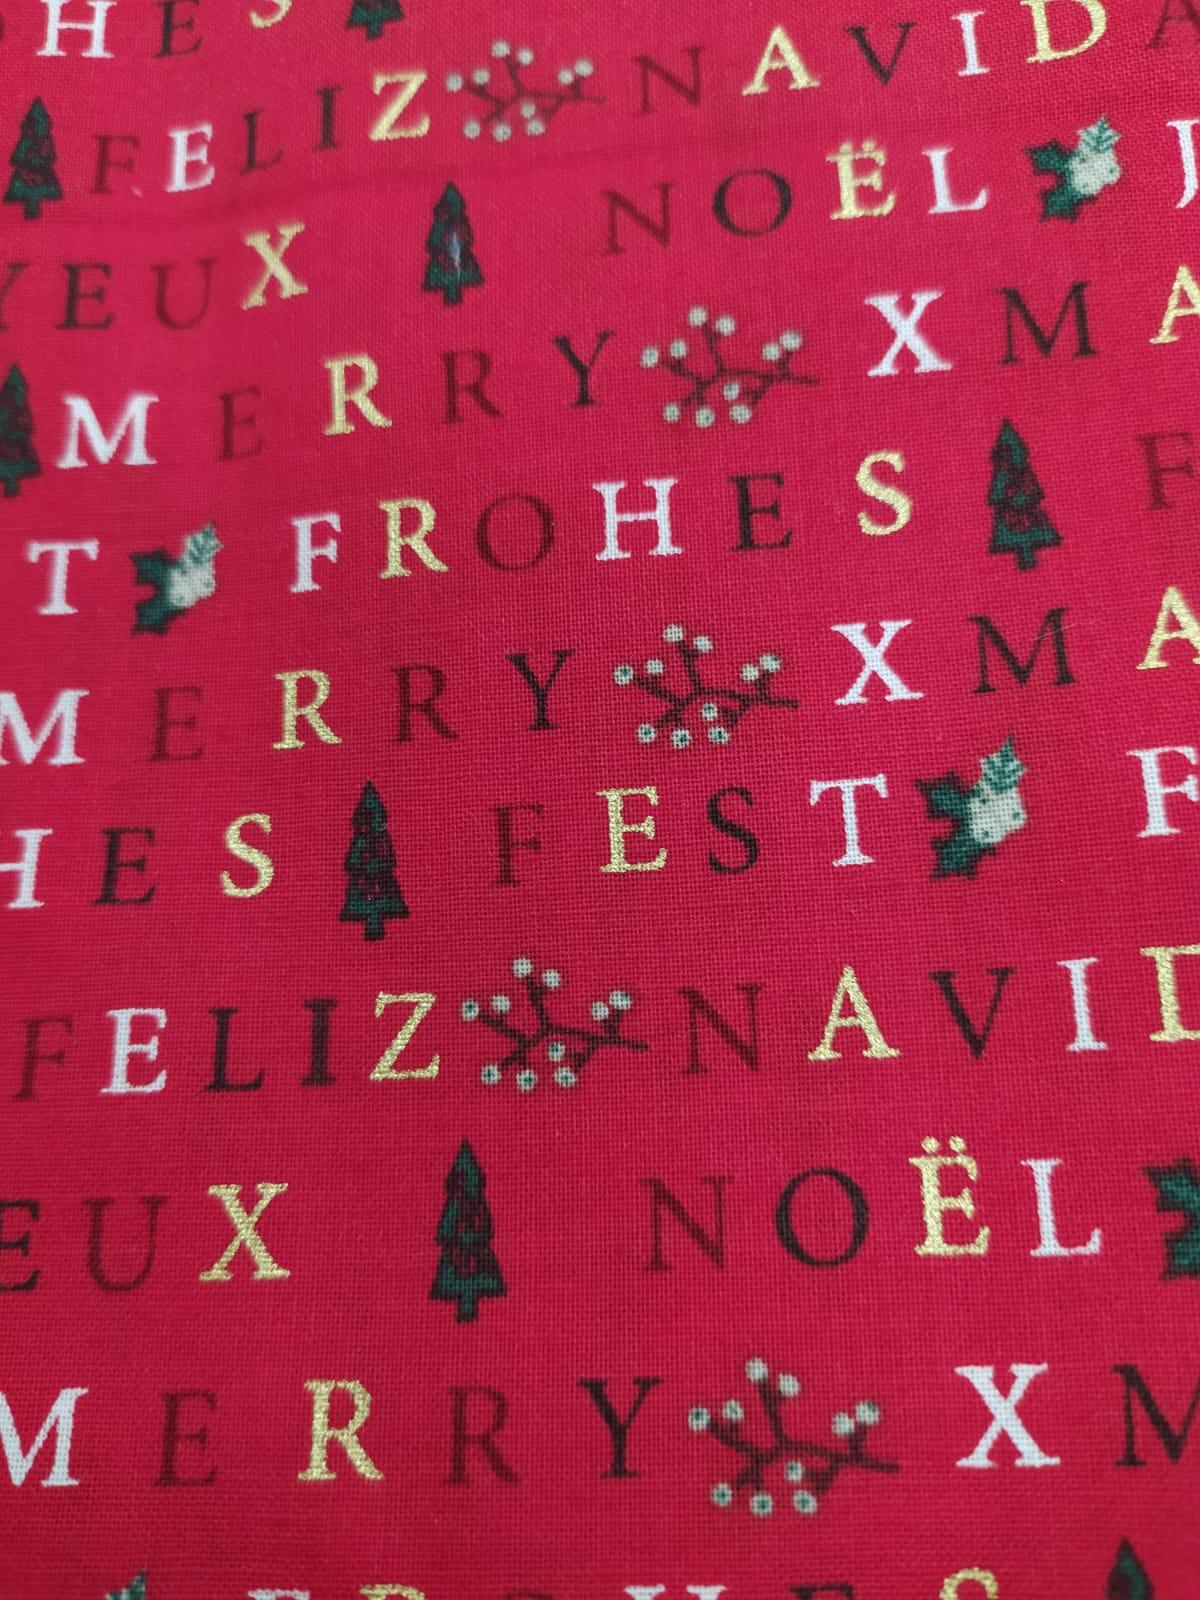 letras con fondo rojo